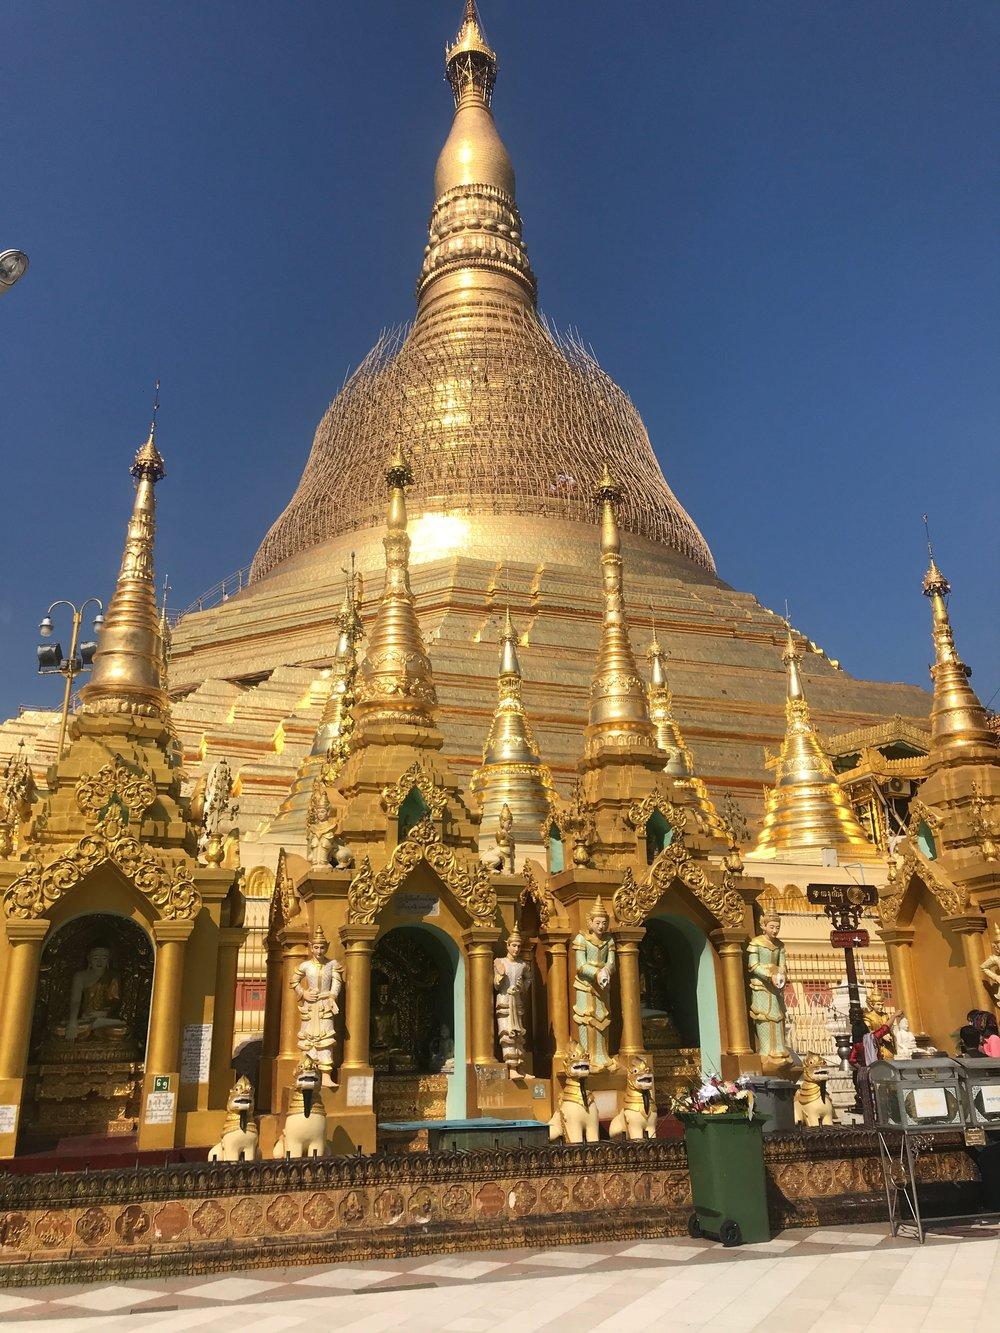 Shwedagon palace